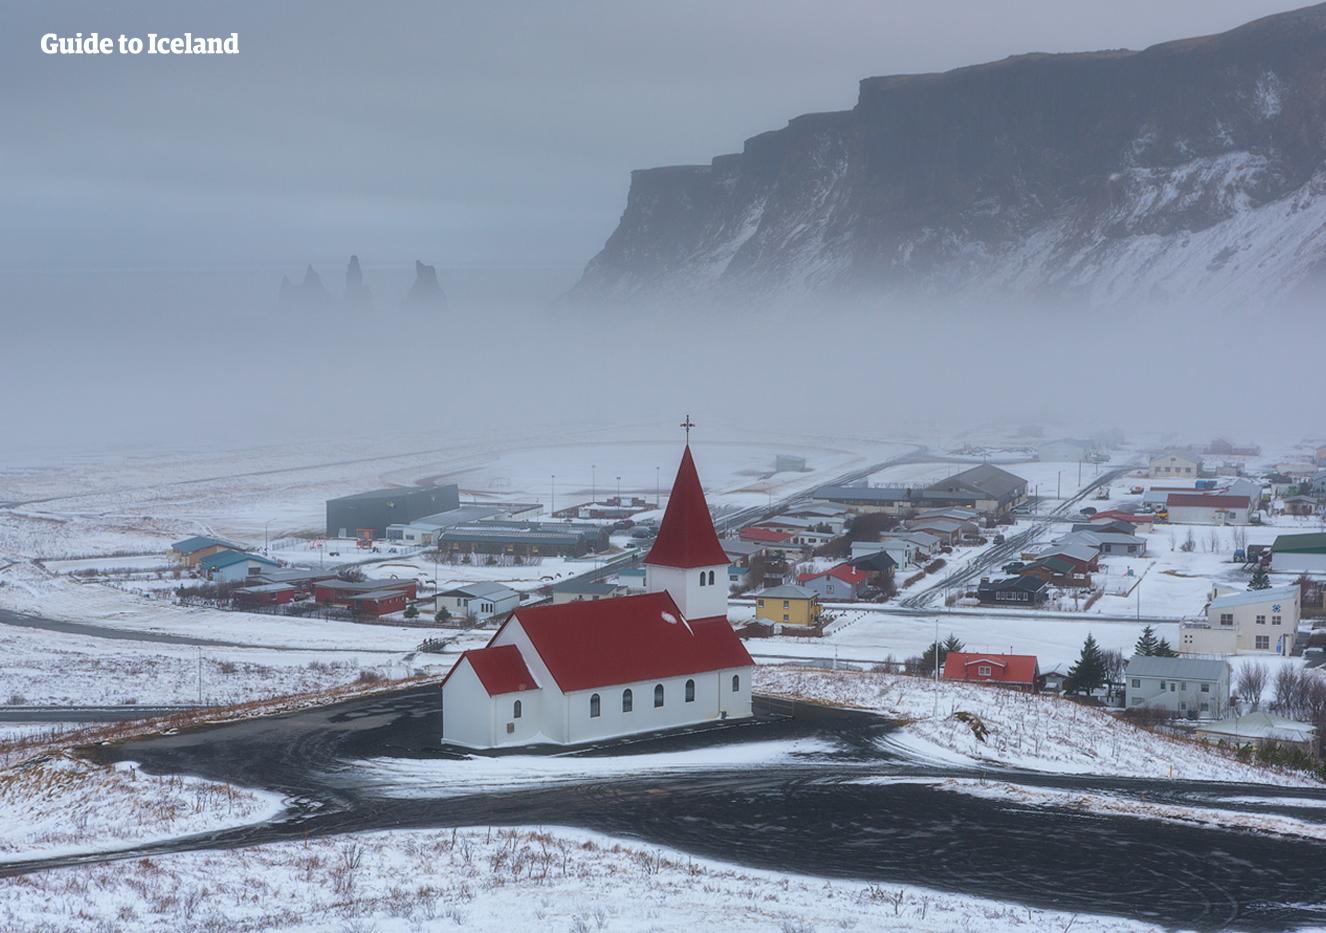 冰岛南岸的维克镇被冰雪覆盖